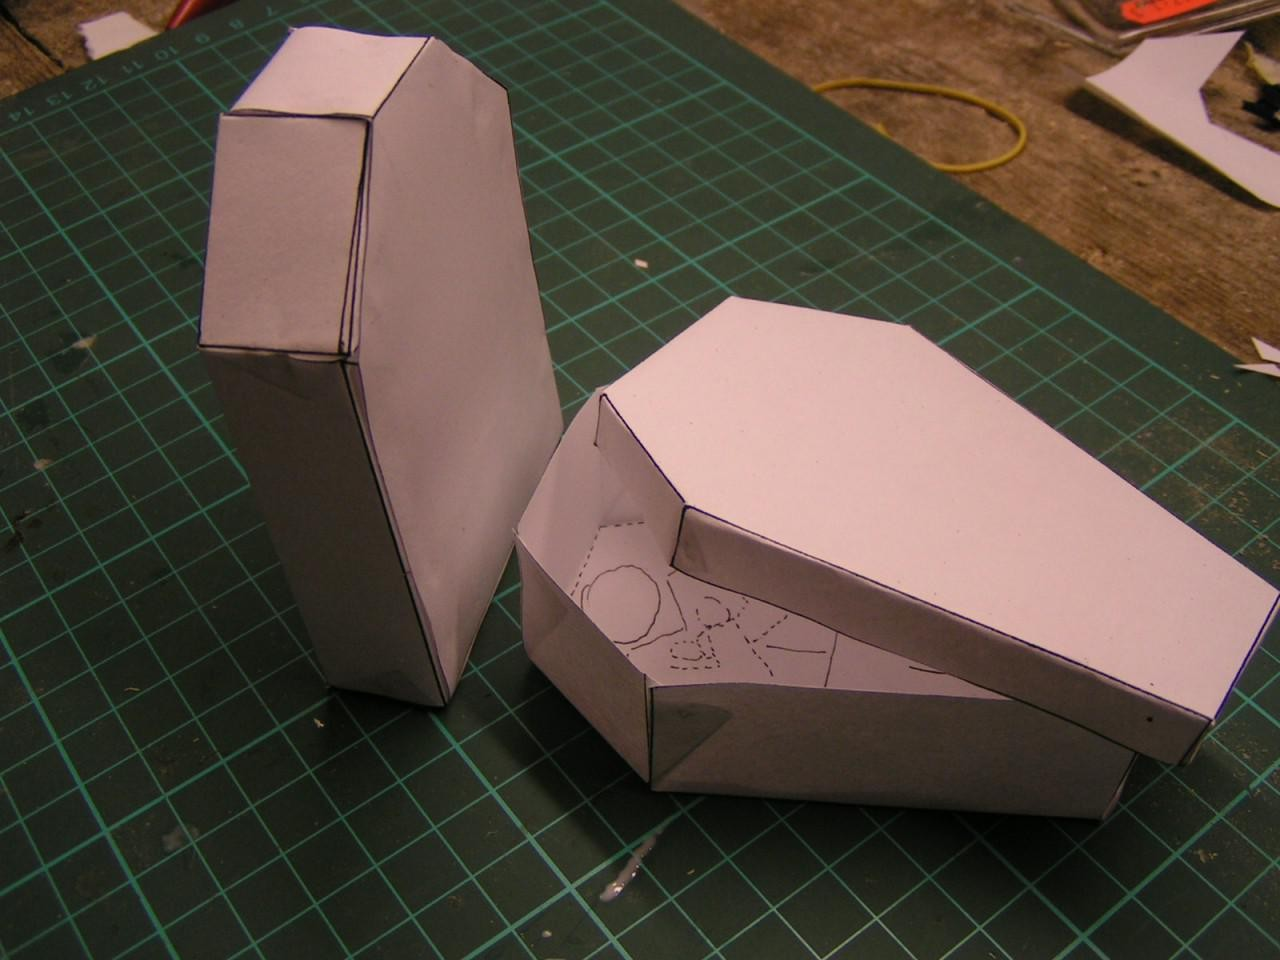 Portal Papercraft Kleiner Papercraft Sarg Und Grabstein Schreibtisch Verzierung Gunook